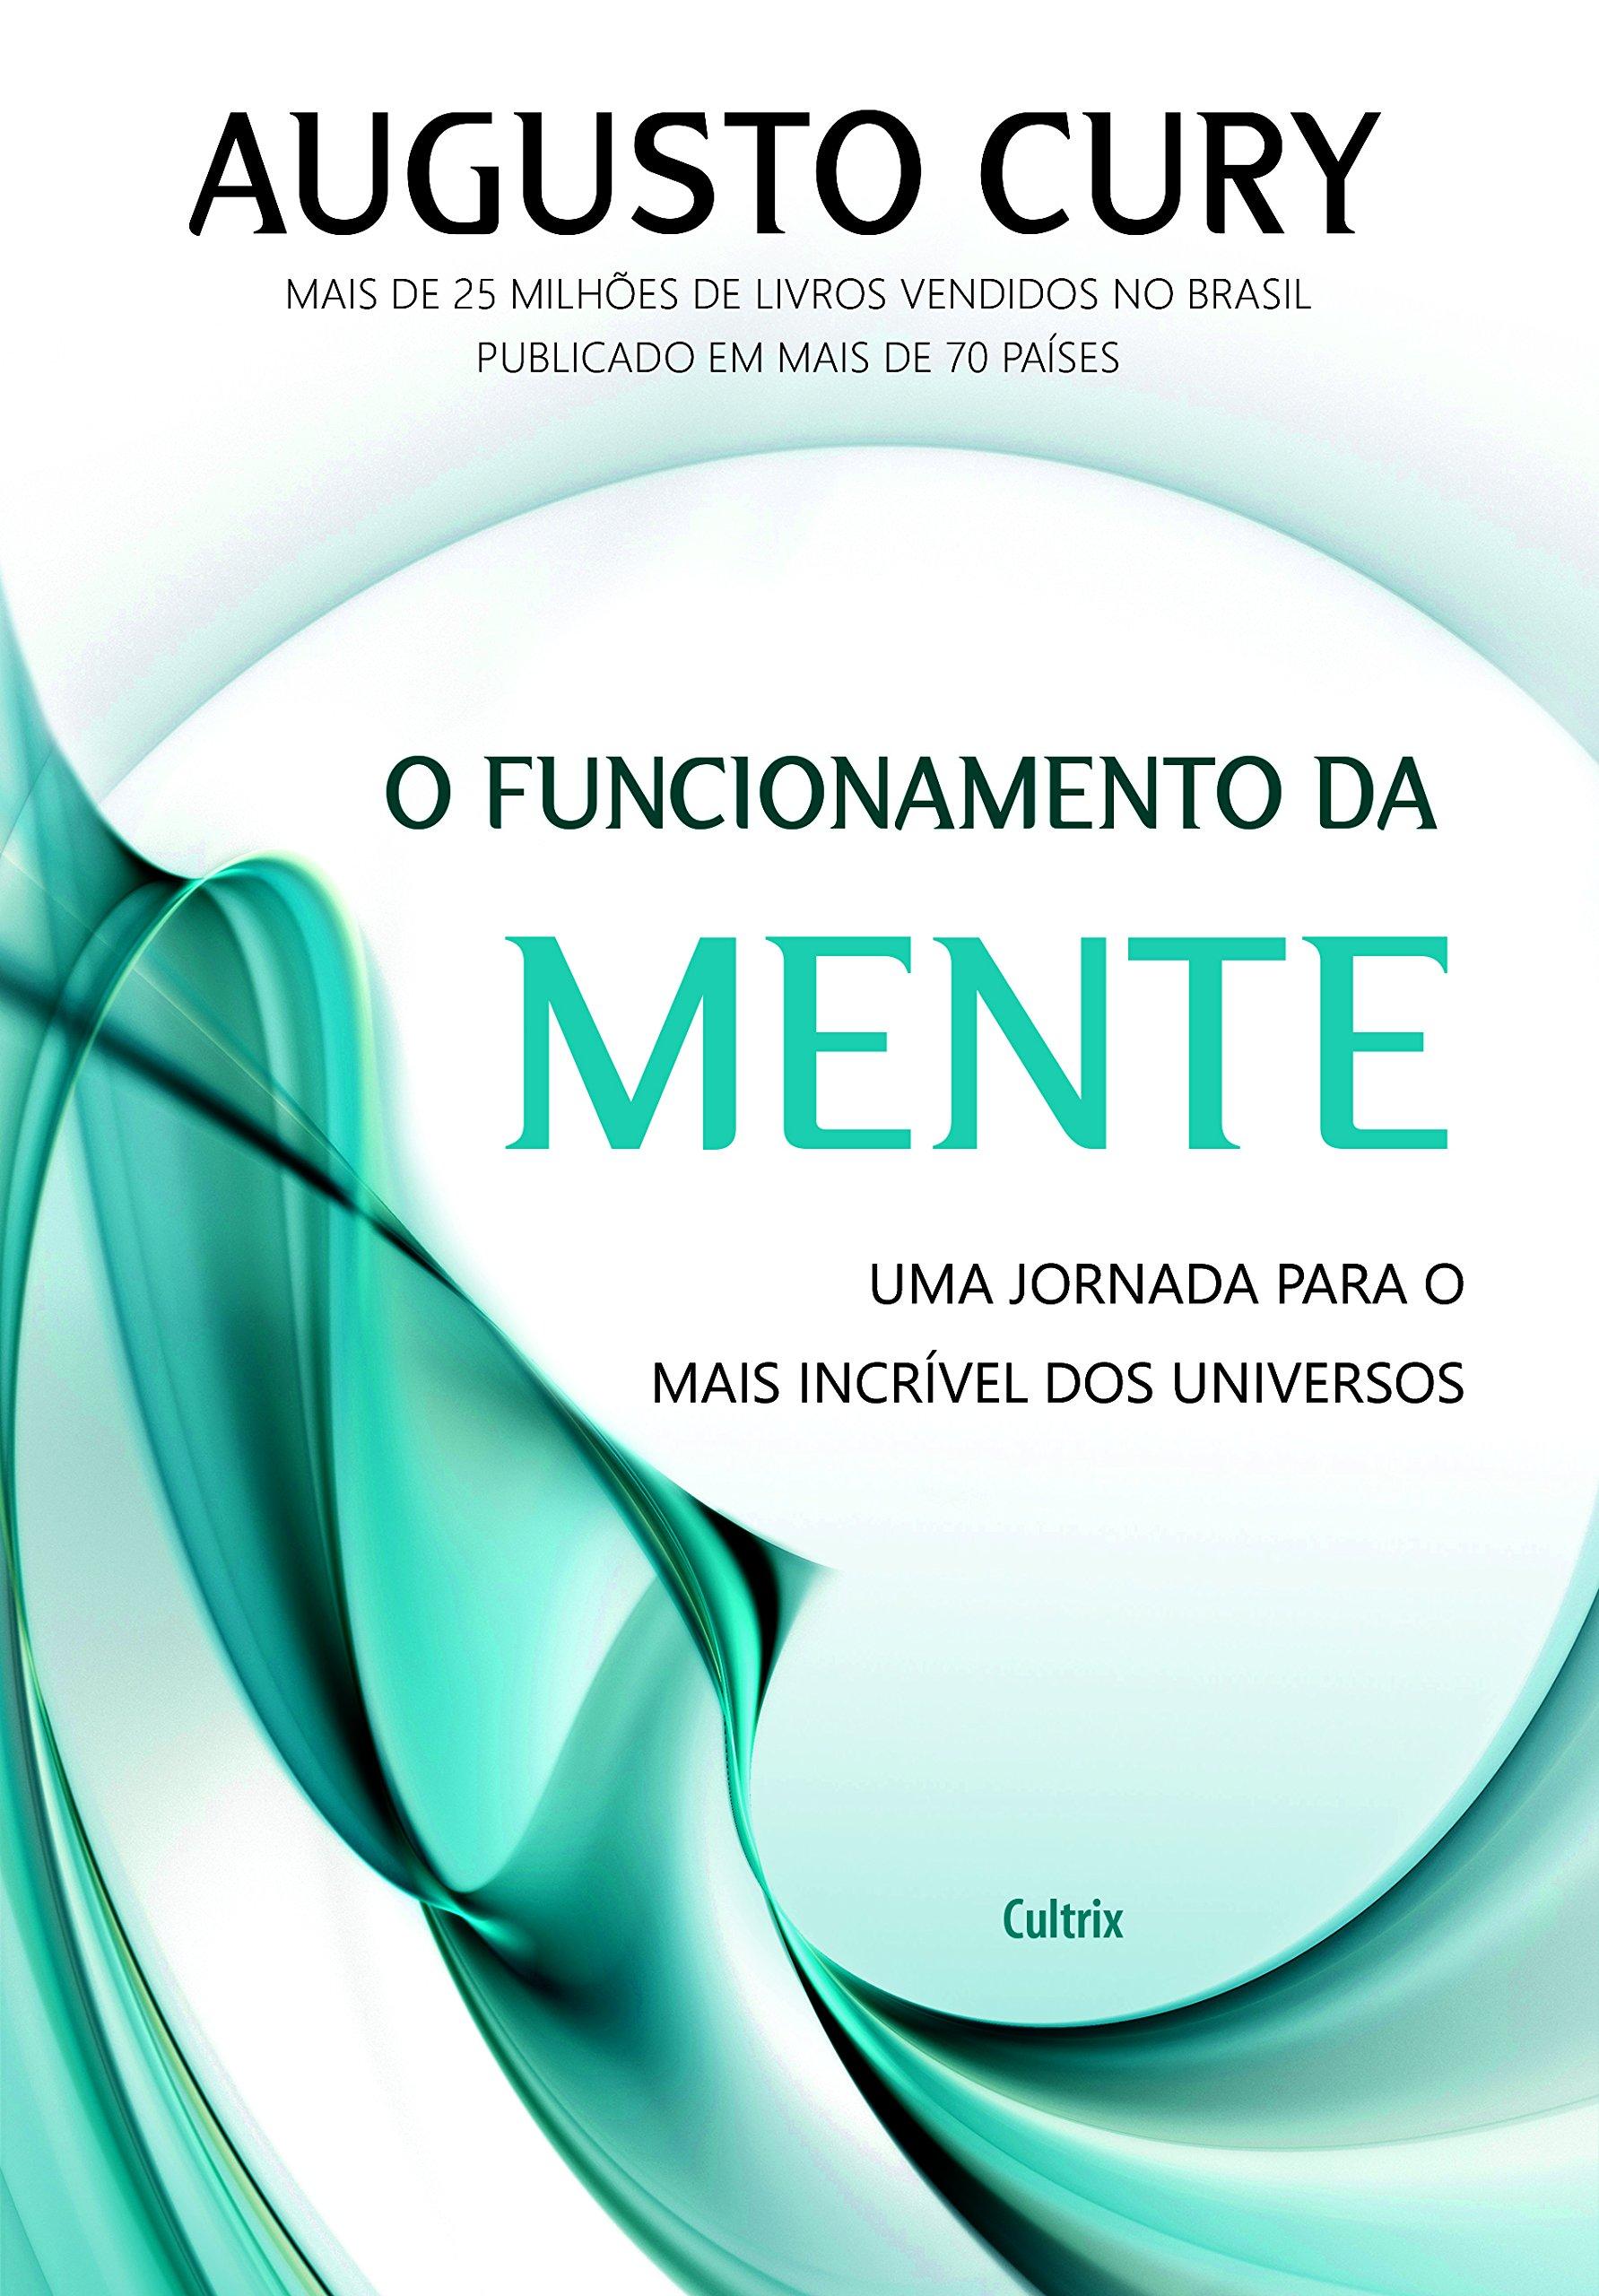 O Funcionamento da Mente PDF Augusto Cury